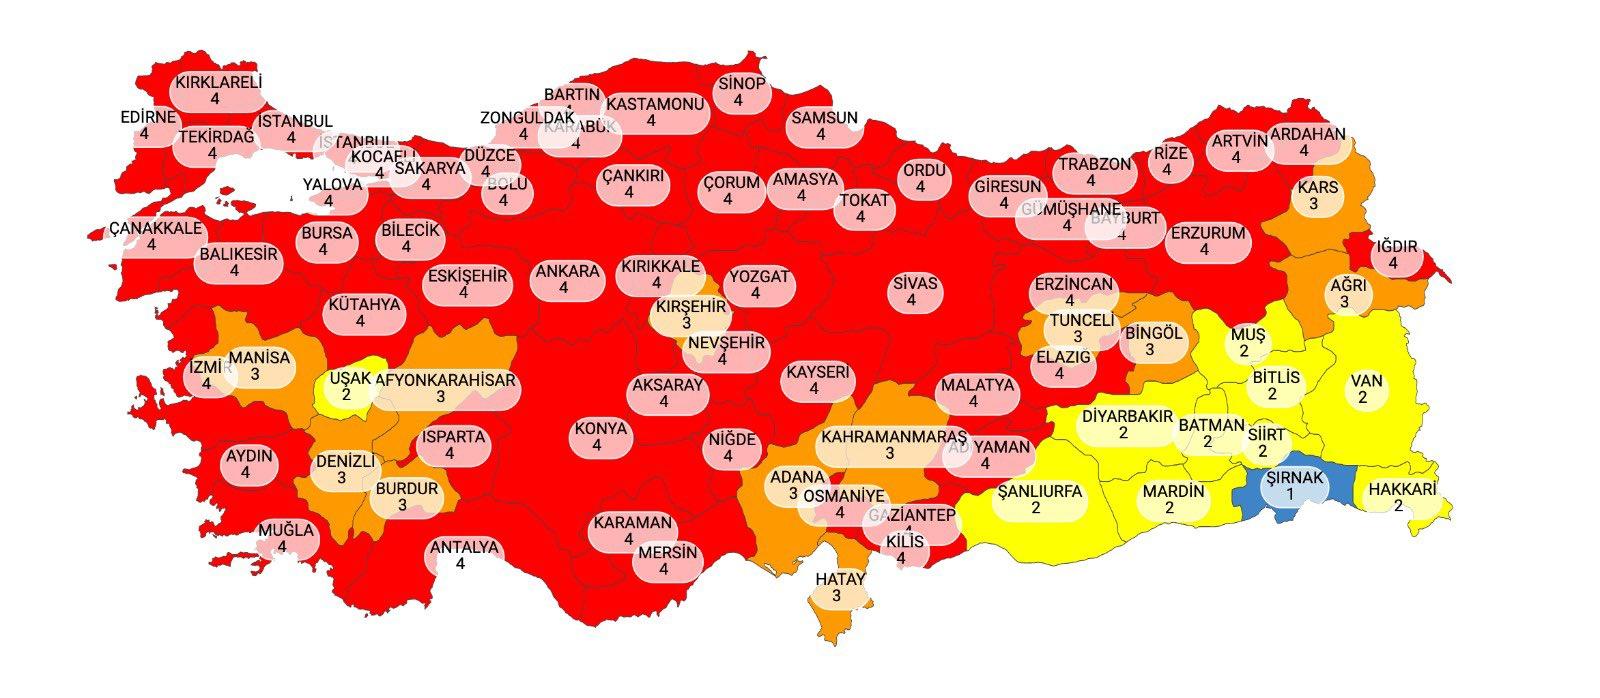 İllere Göre Koronavirüs Vaka Sayıları ve Koronavirüs Risk Haritası